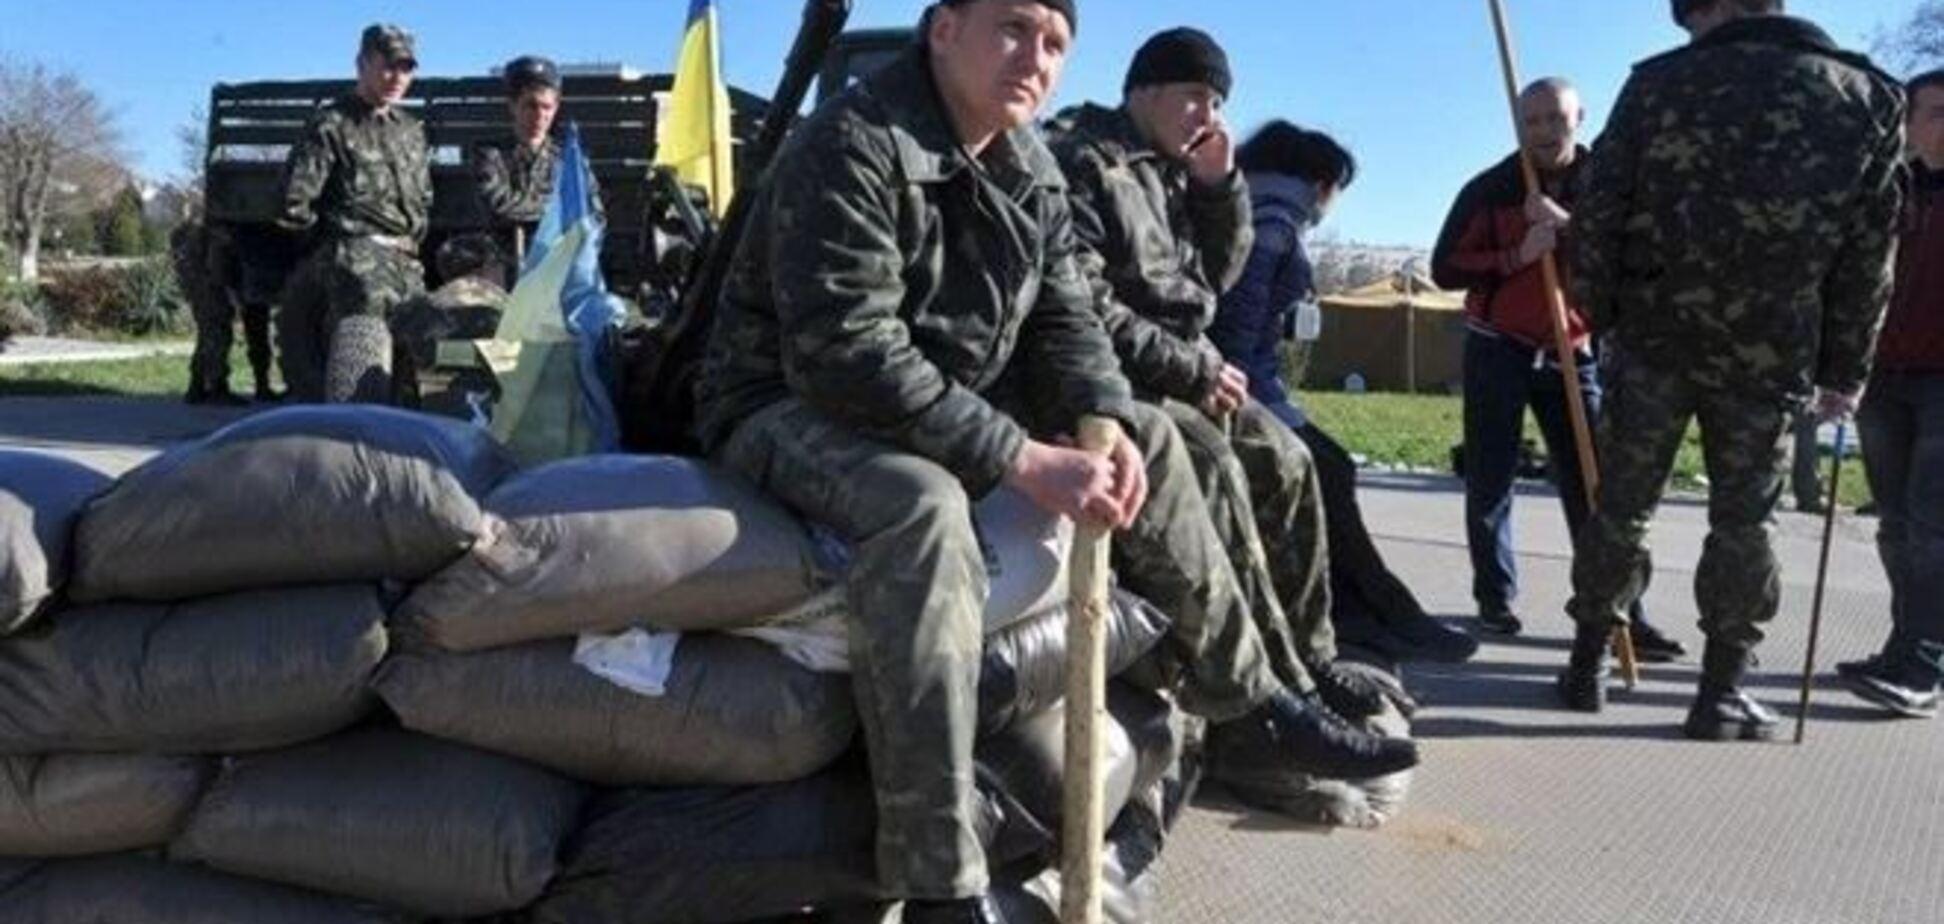 Україна в Криму: евакуація, передислокація ... Або капітуляція?